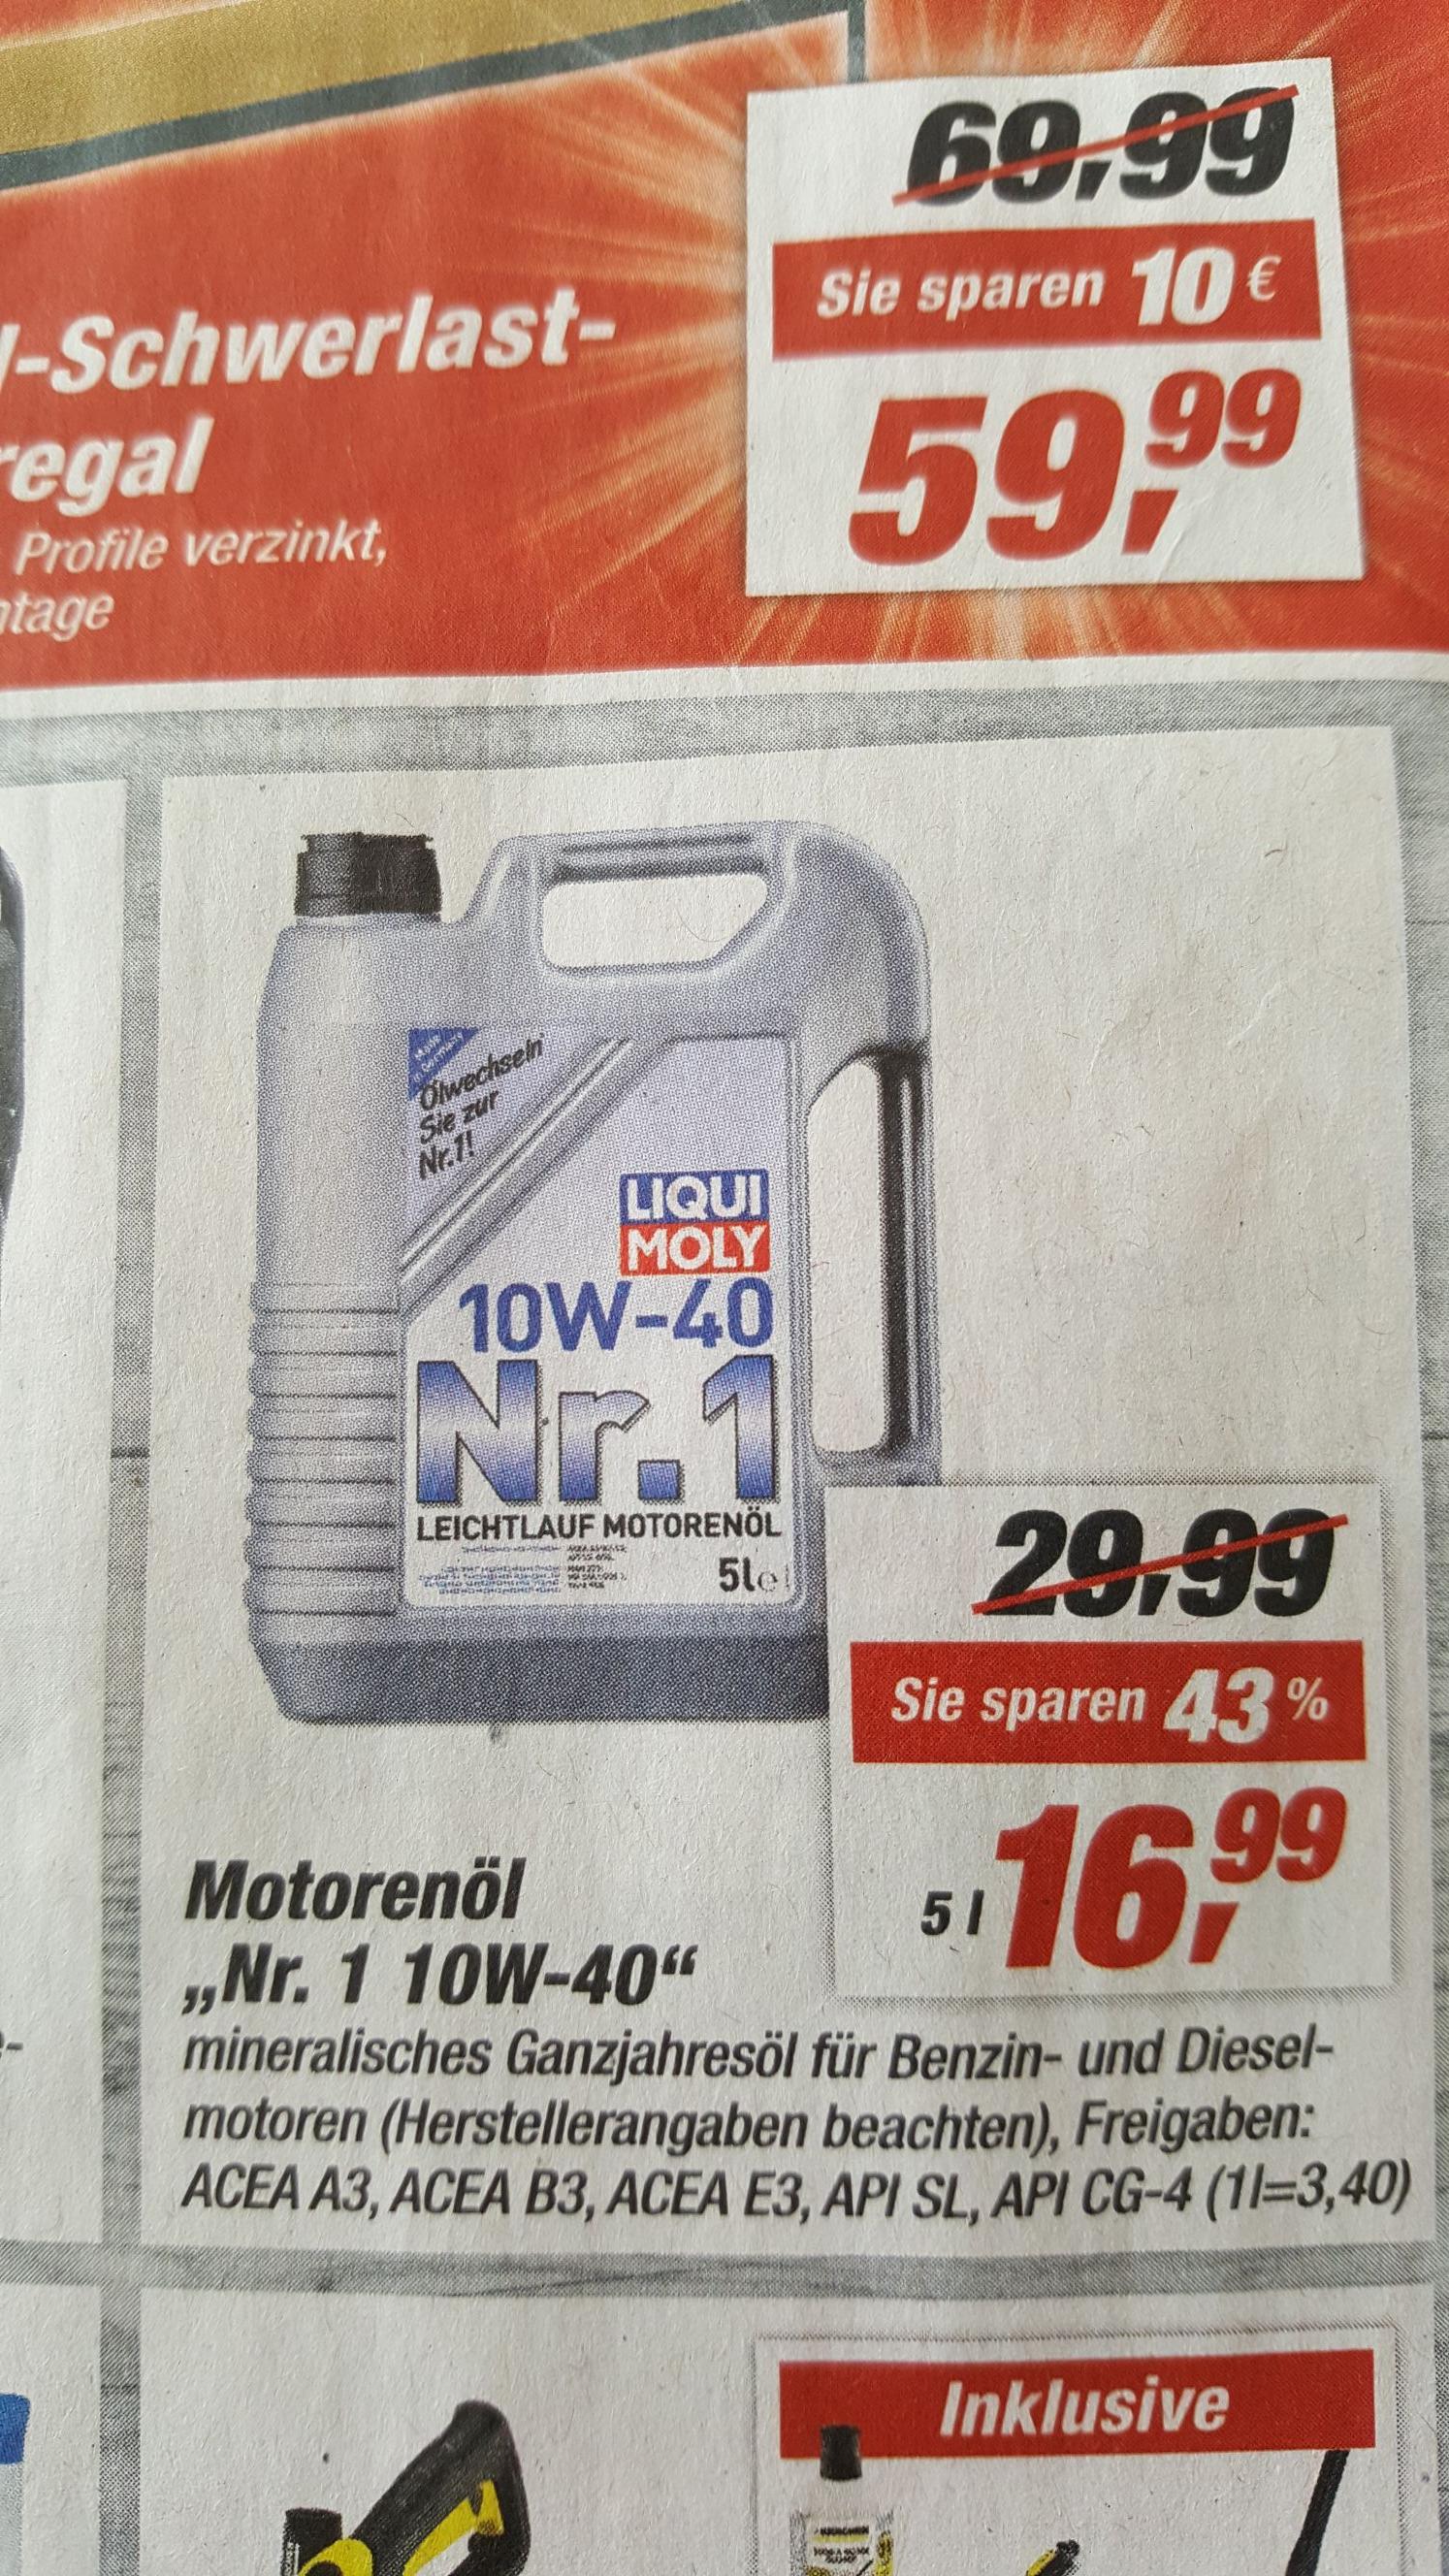 [Offline/Lokal - toom Baumarkt] LIQUI MOLY Nr.1 10W-40 5 Liter Leichtlauf Ganzjahres Benzin- & Diesel-Motorenöl